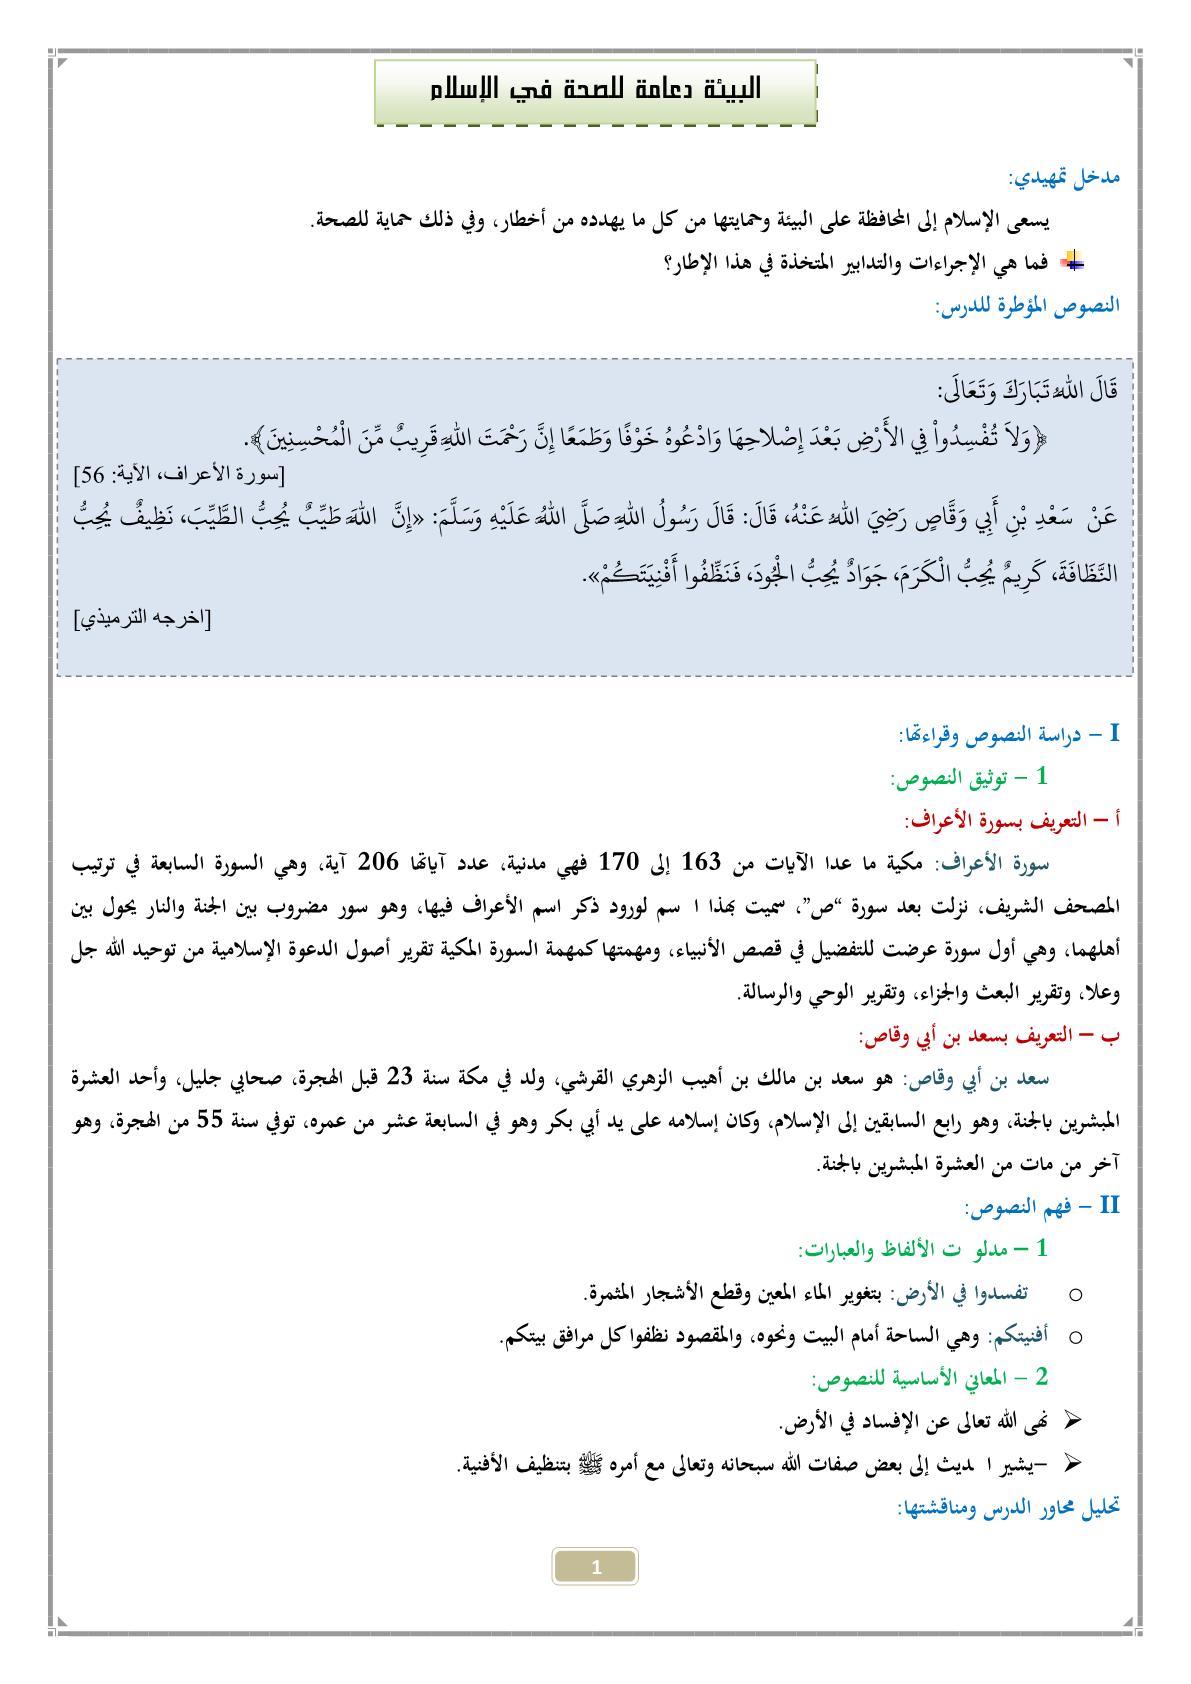 درس البيئة دعامة للصحة في الإسلام للسنة الثالثة إعدادي